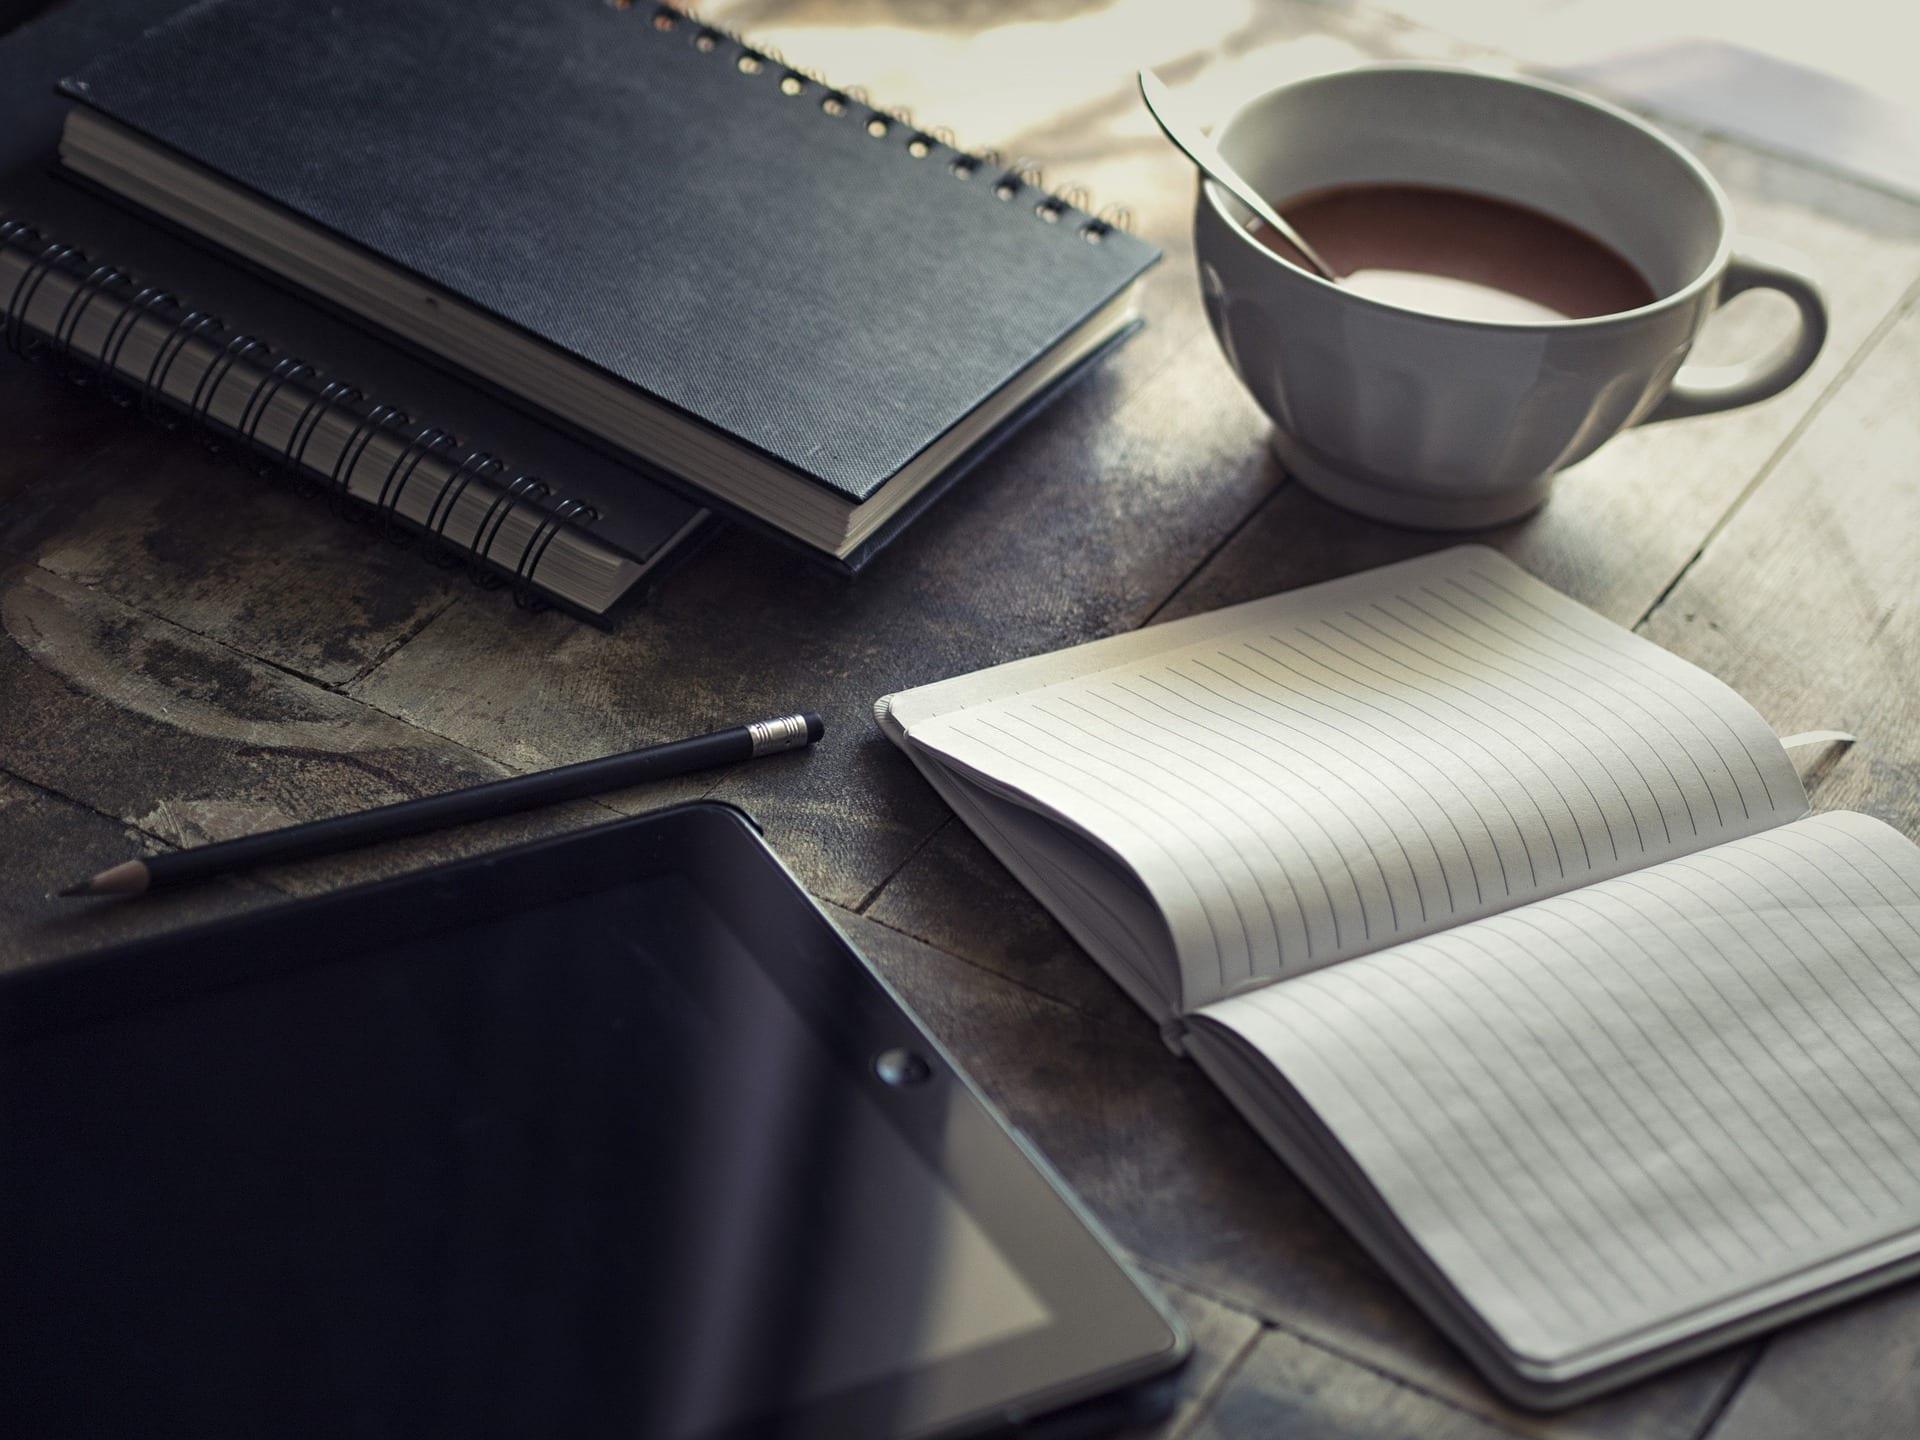 diario, ipad y taza de cafe